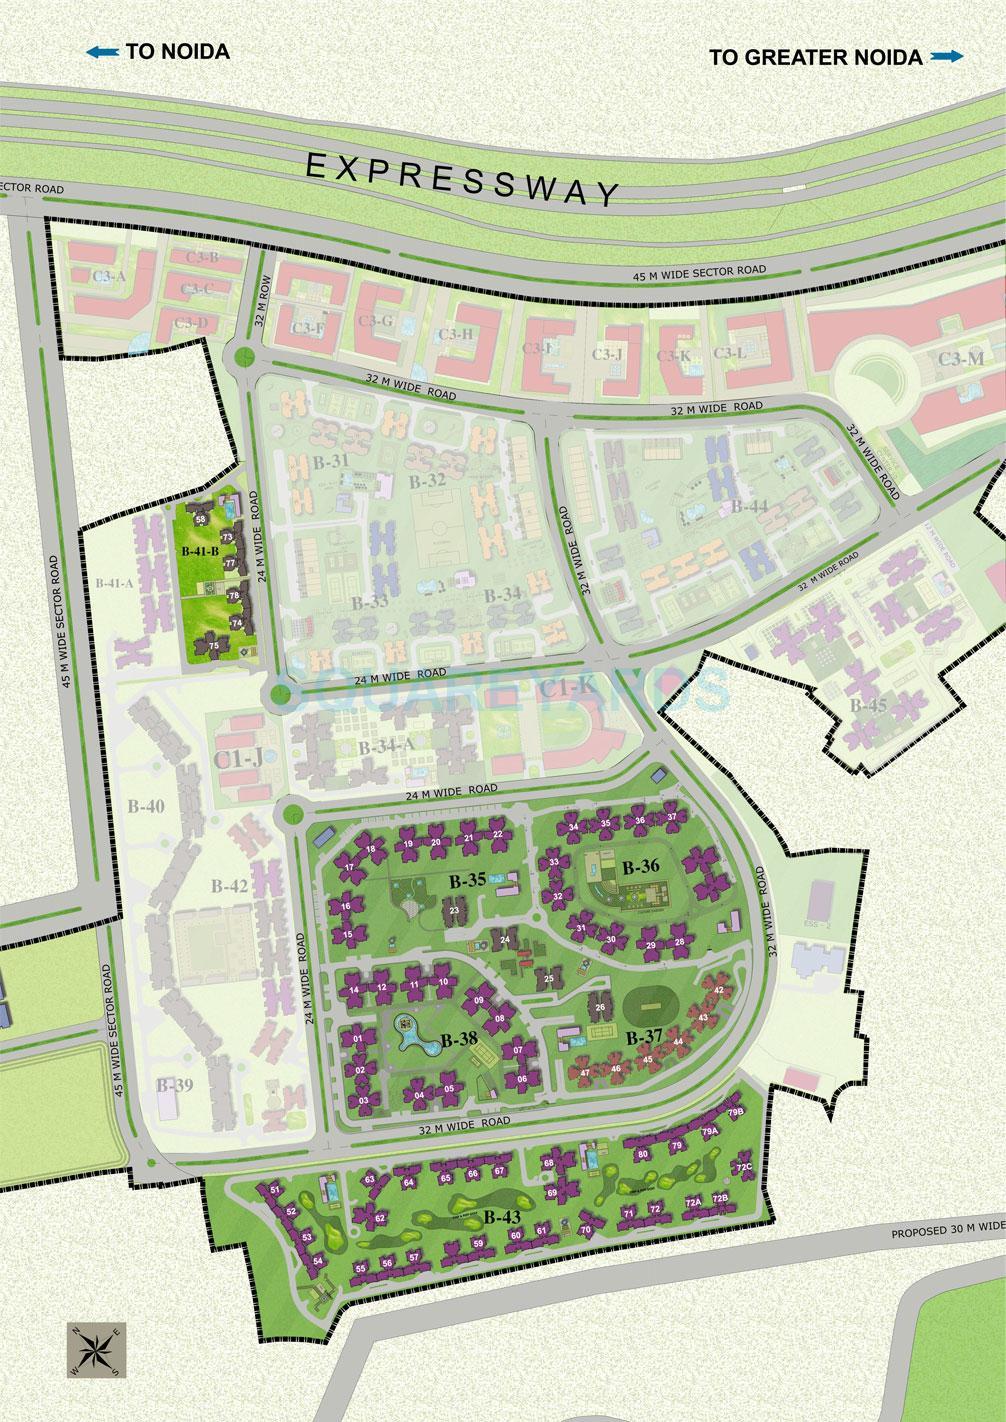 master-plan-image-Picture-jaypee-greens-kosmos-2788611